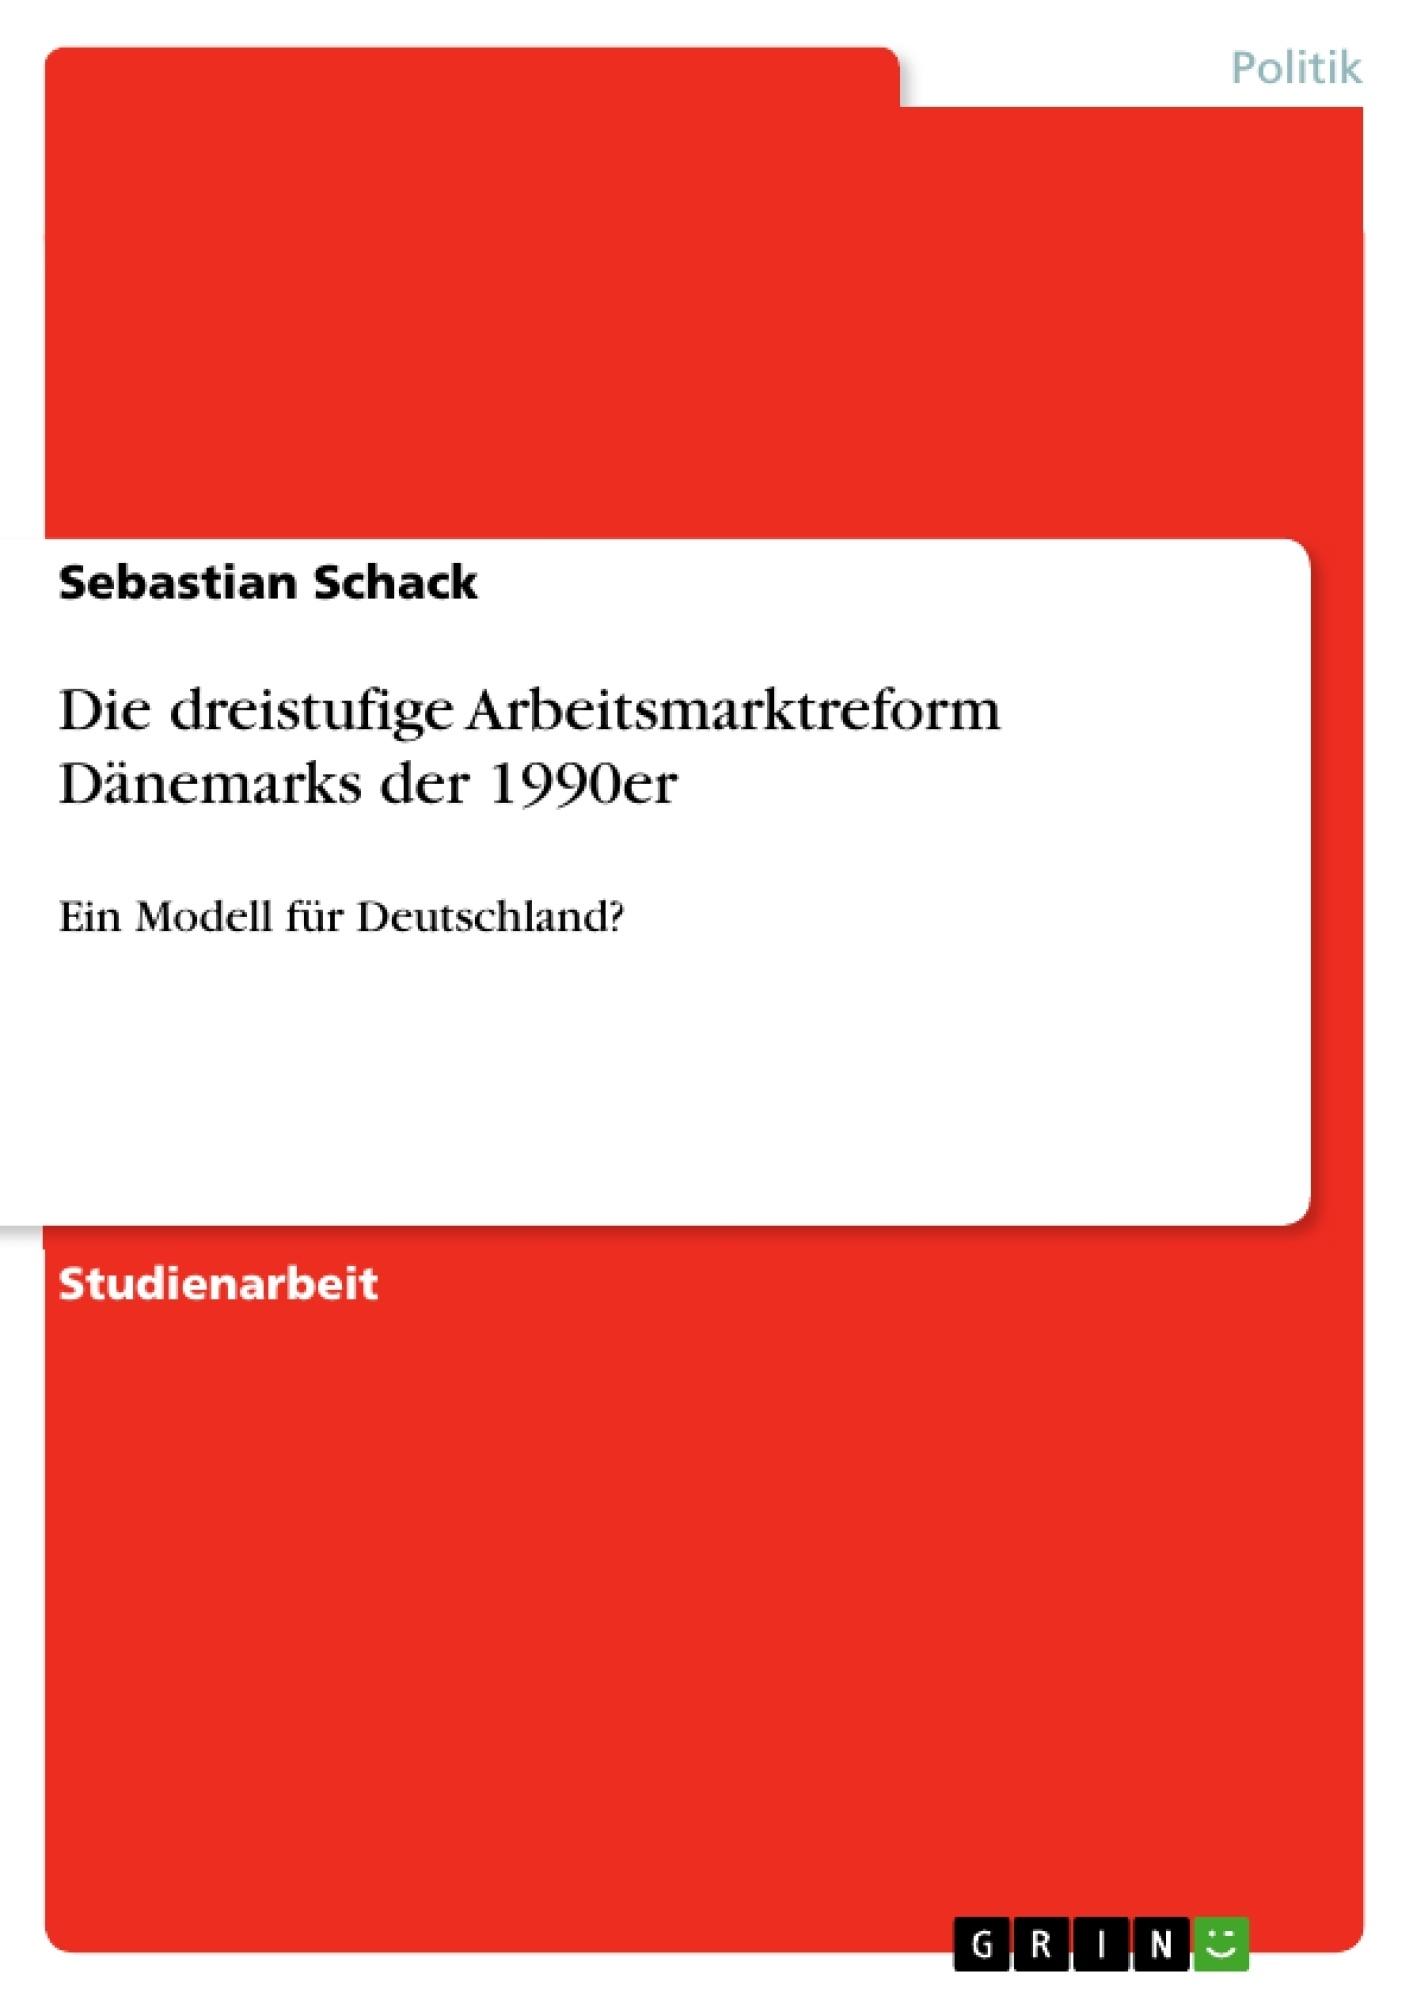 Titel: Die dreistufige Arbeitsmarktreform Dänemarks der 1990er